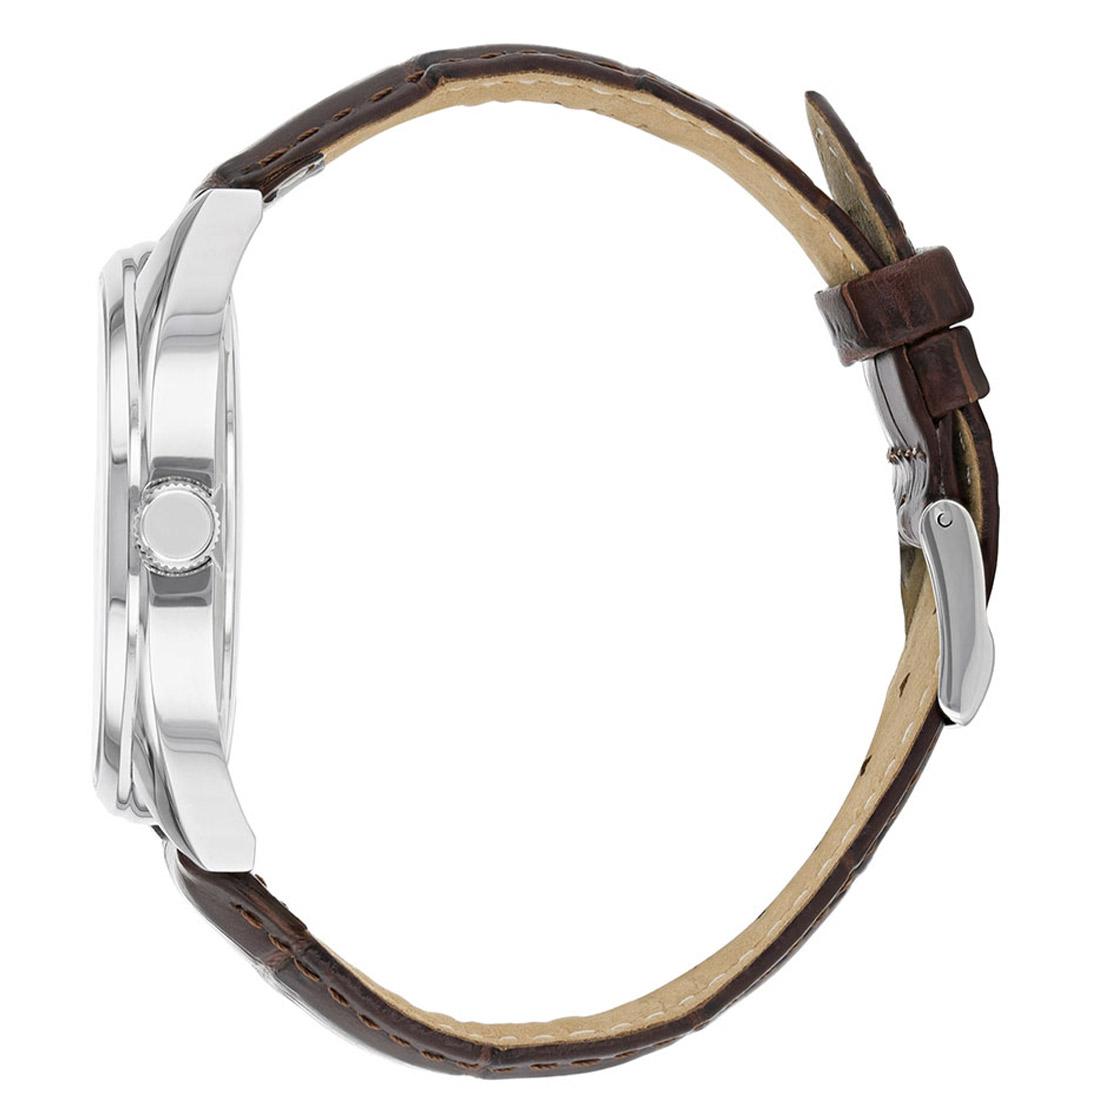 ساعت مچی عقربه ای مردانه سیتی زن مدل BI5090-09A              خرید (⭐️⭐️⭐️)